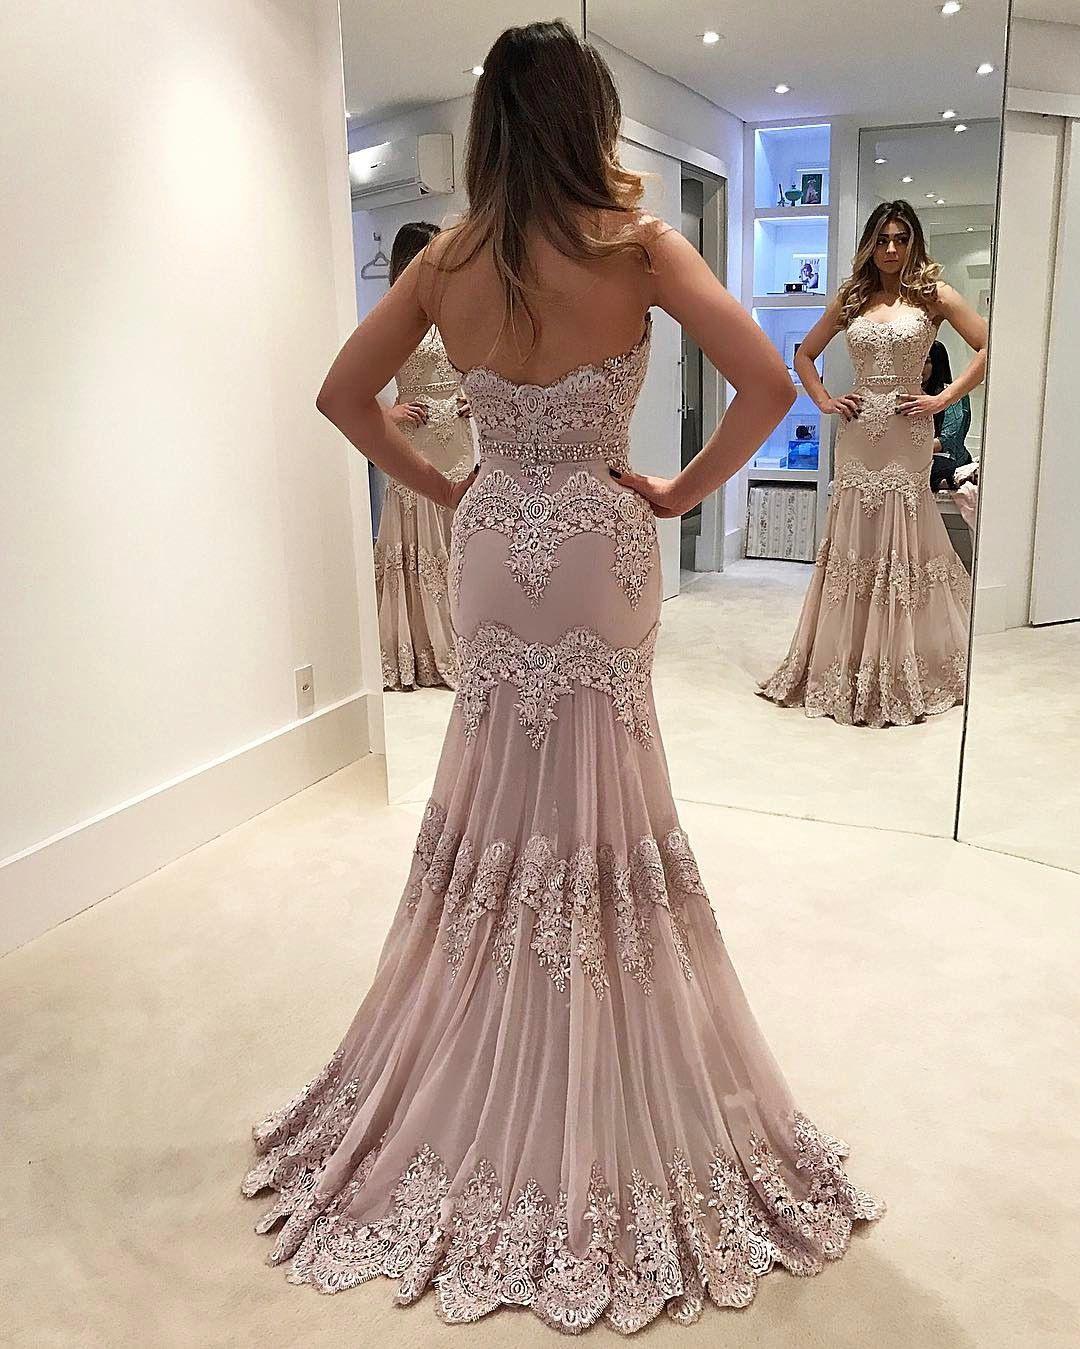 Abend Wunderbar Abendkleid Online Kaufen Ärmel13 Leicht Abendkleid Online Kaufen Spezialgebiet